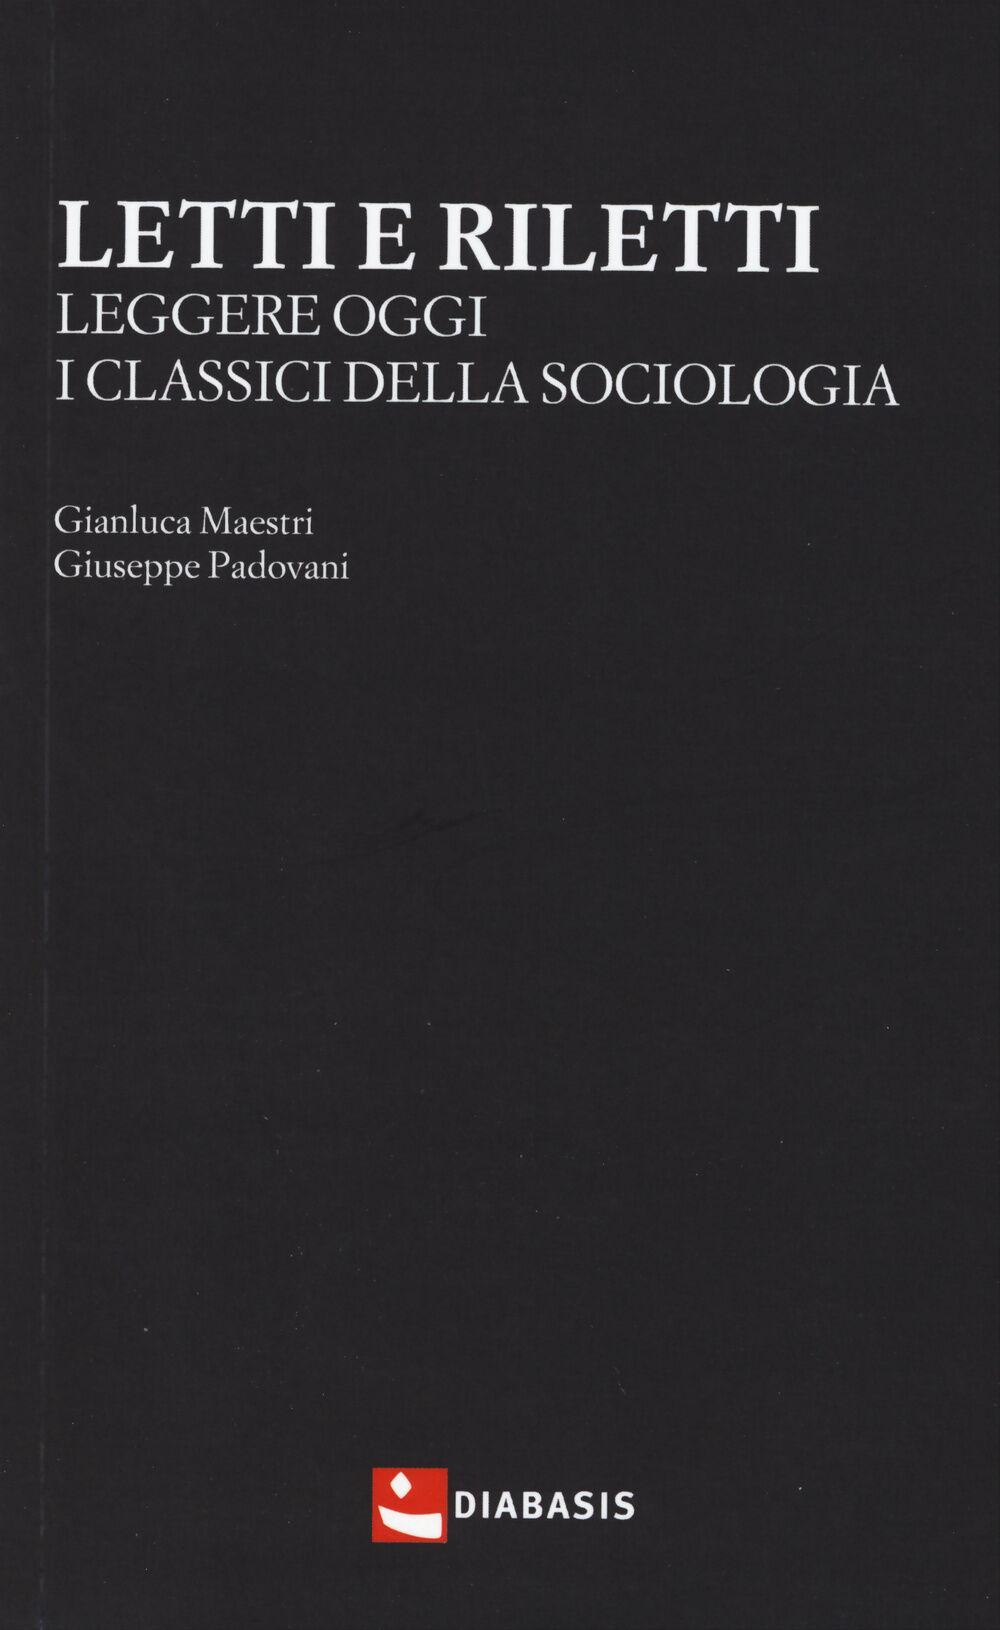 Letti e riletti. Leggere oggi i classici della sociologia